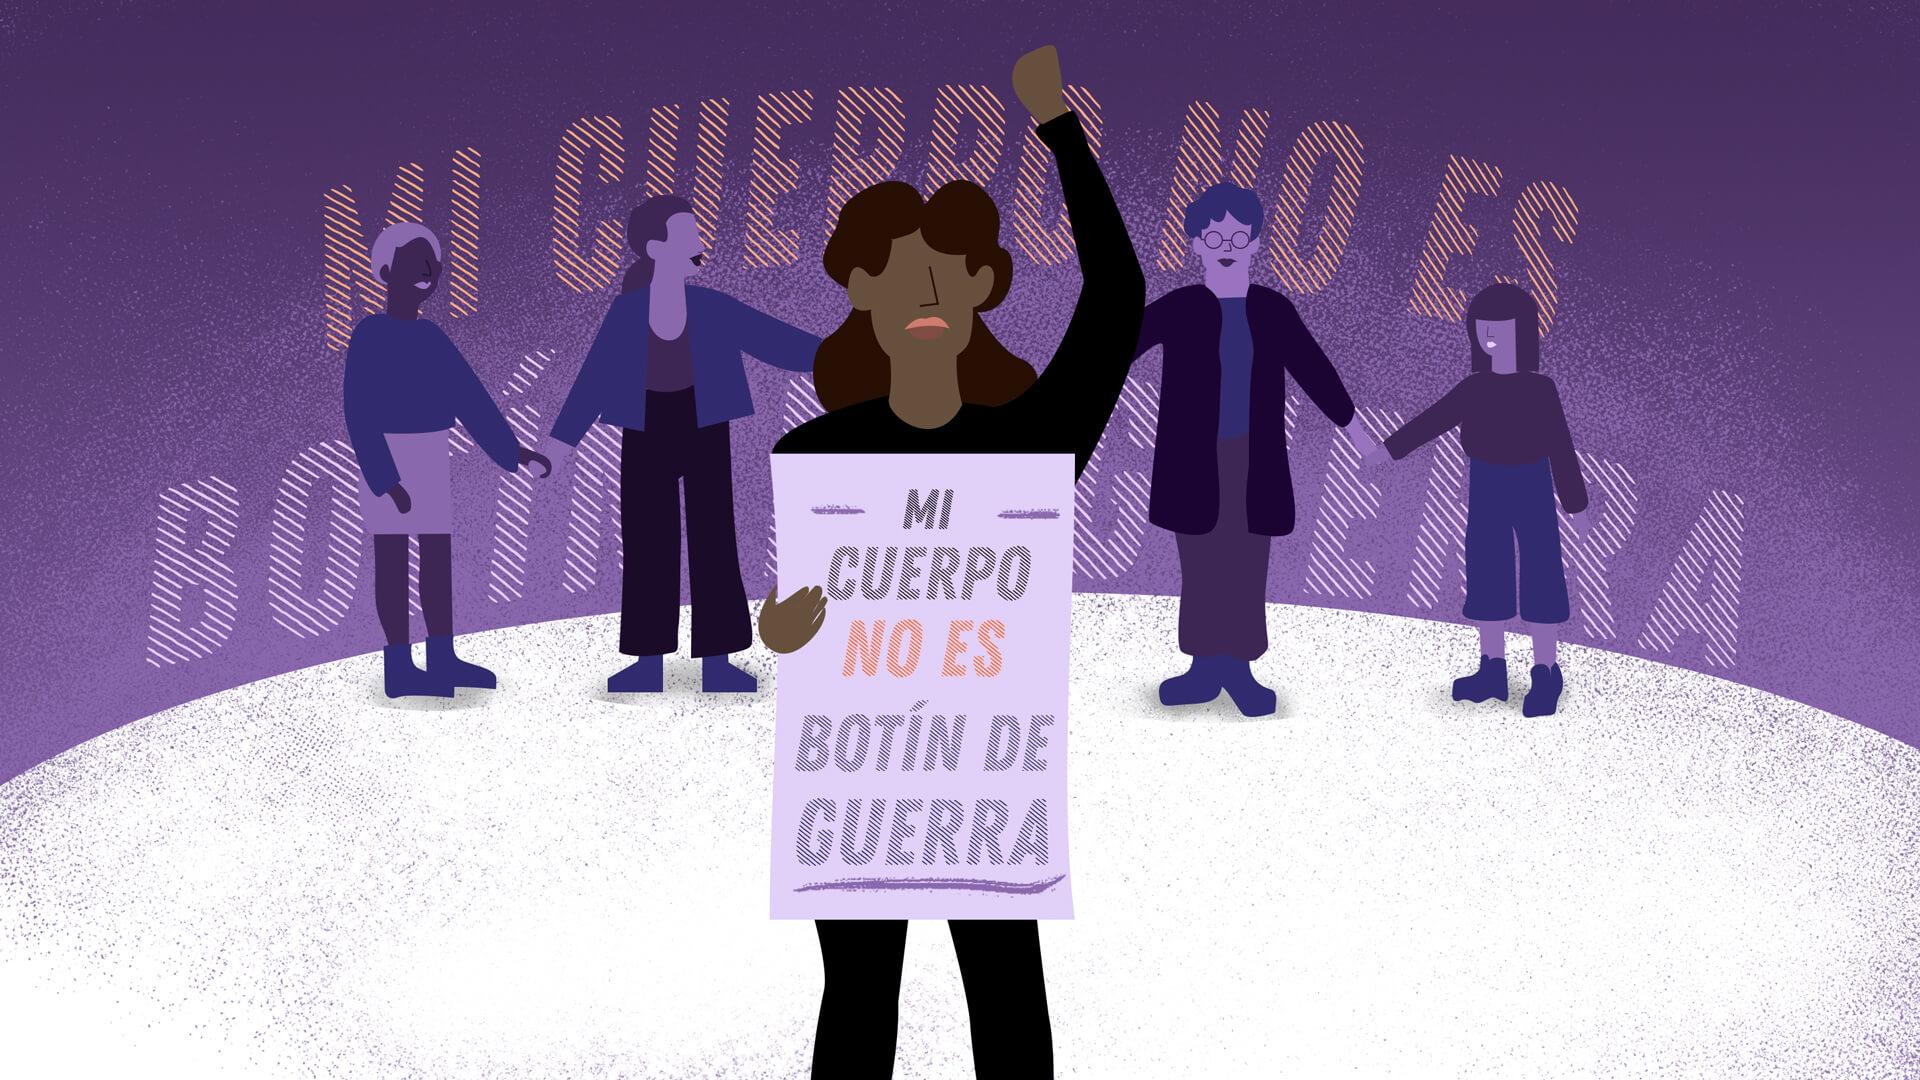 EDITORIAL | Civiles o policías, los cuerpos de las mujeres no son botín de guerra